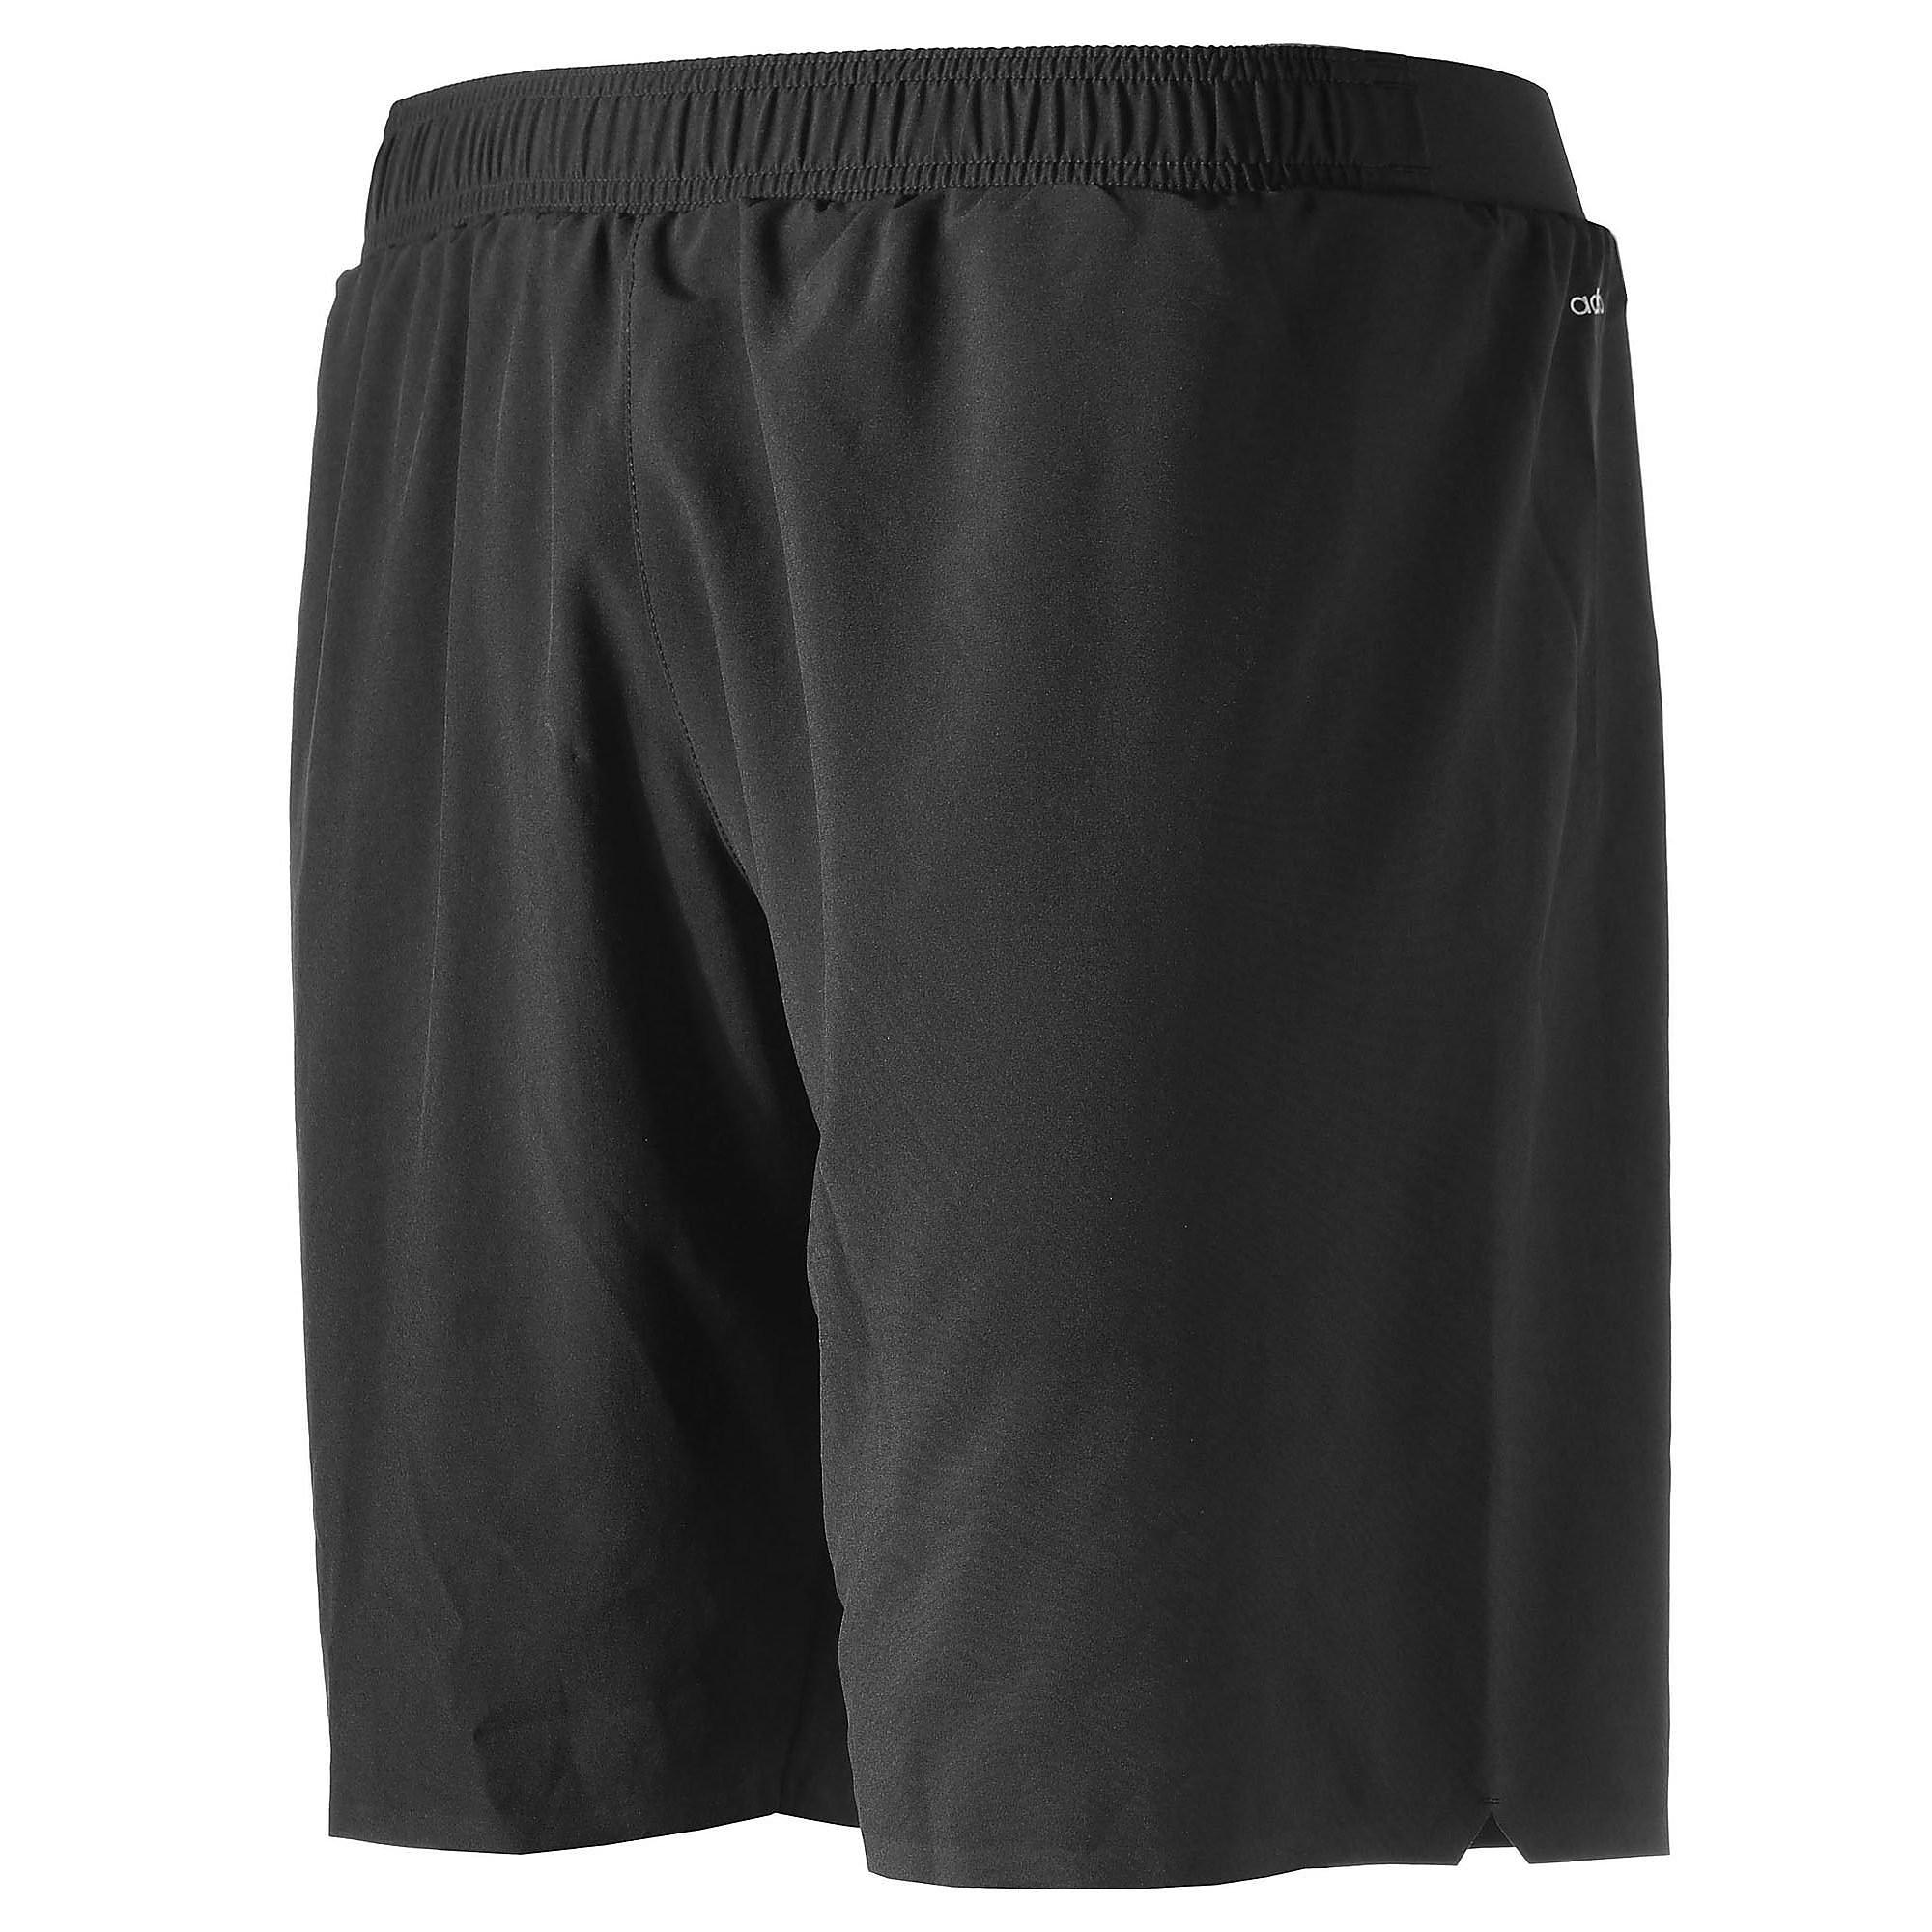 Ufb woven short